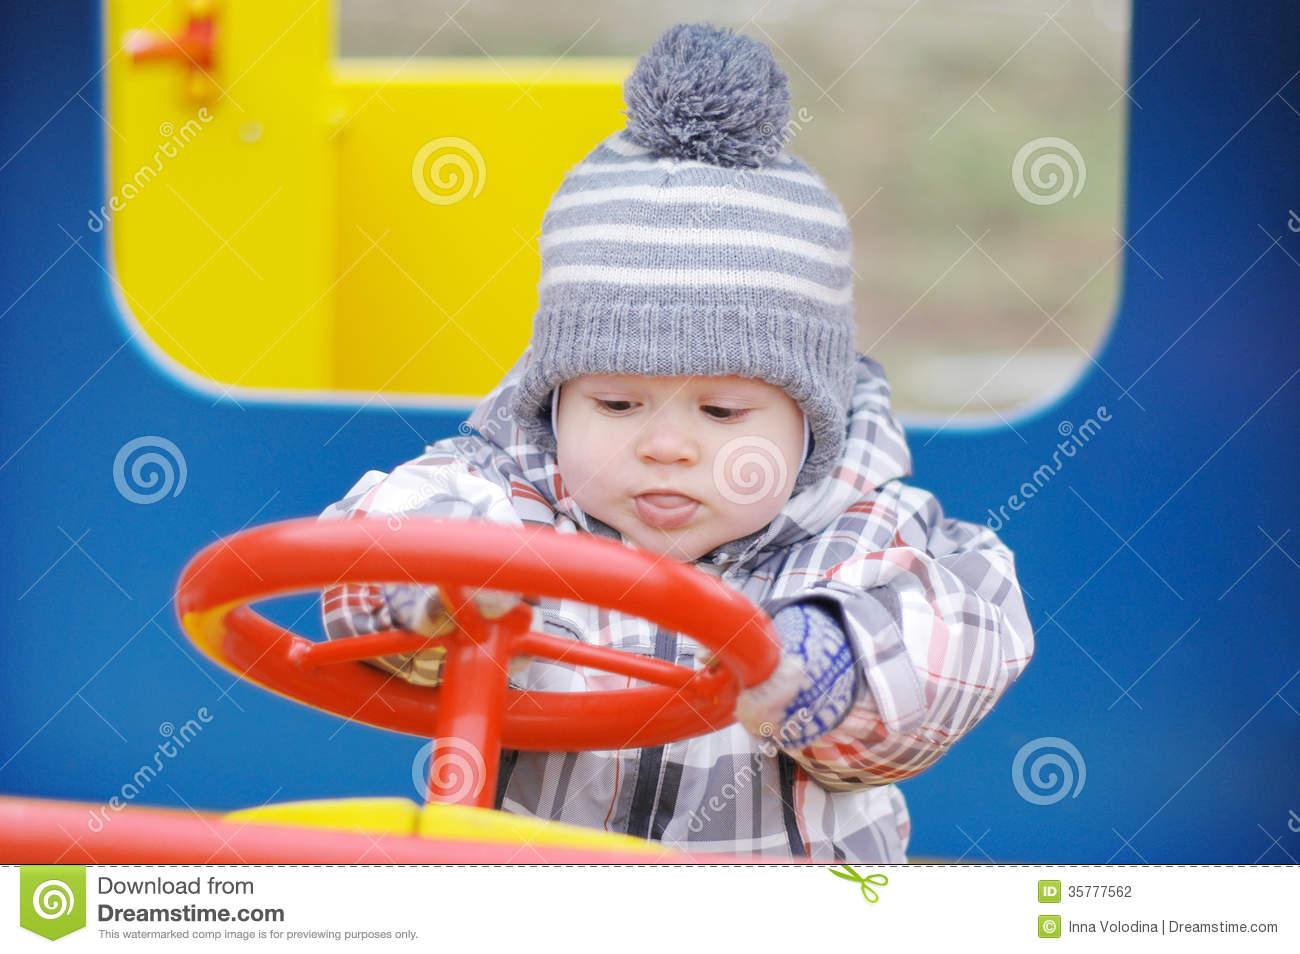 Bébé Conduisant La Voiture Sur Le Terrain De Jeu Photo Stock tout Jeux Bebe Voiture